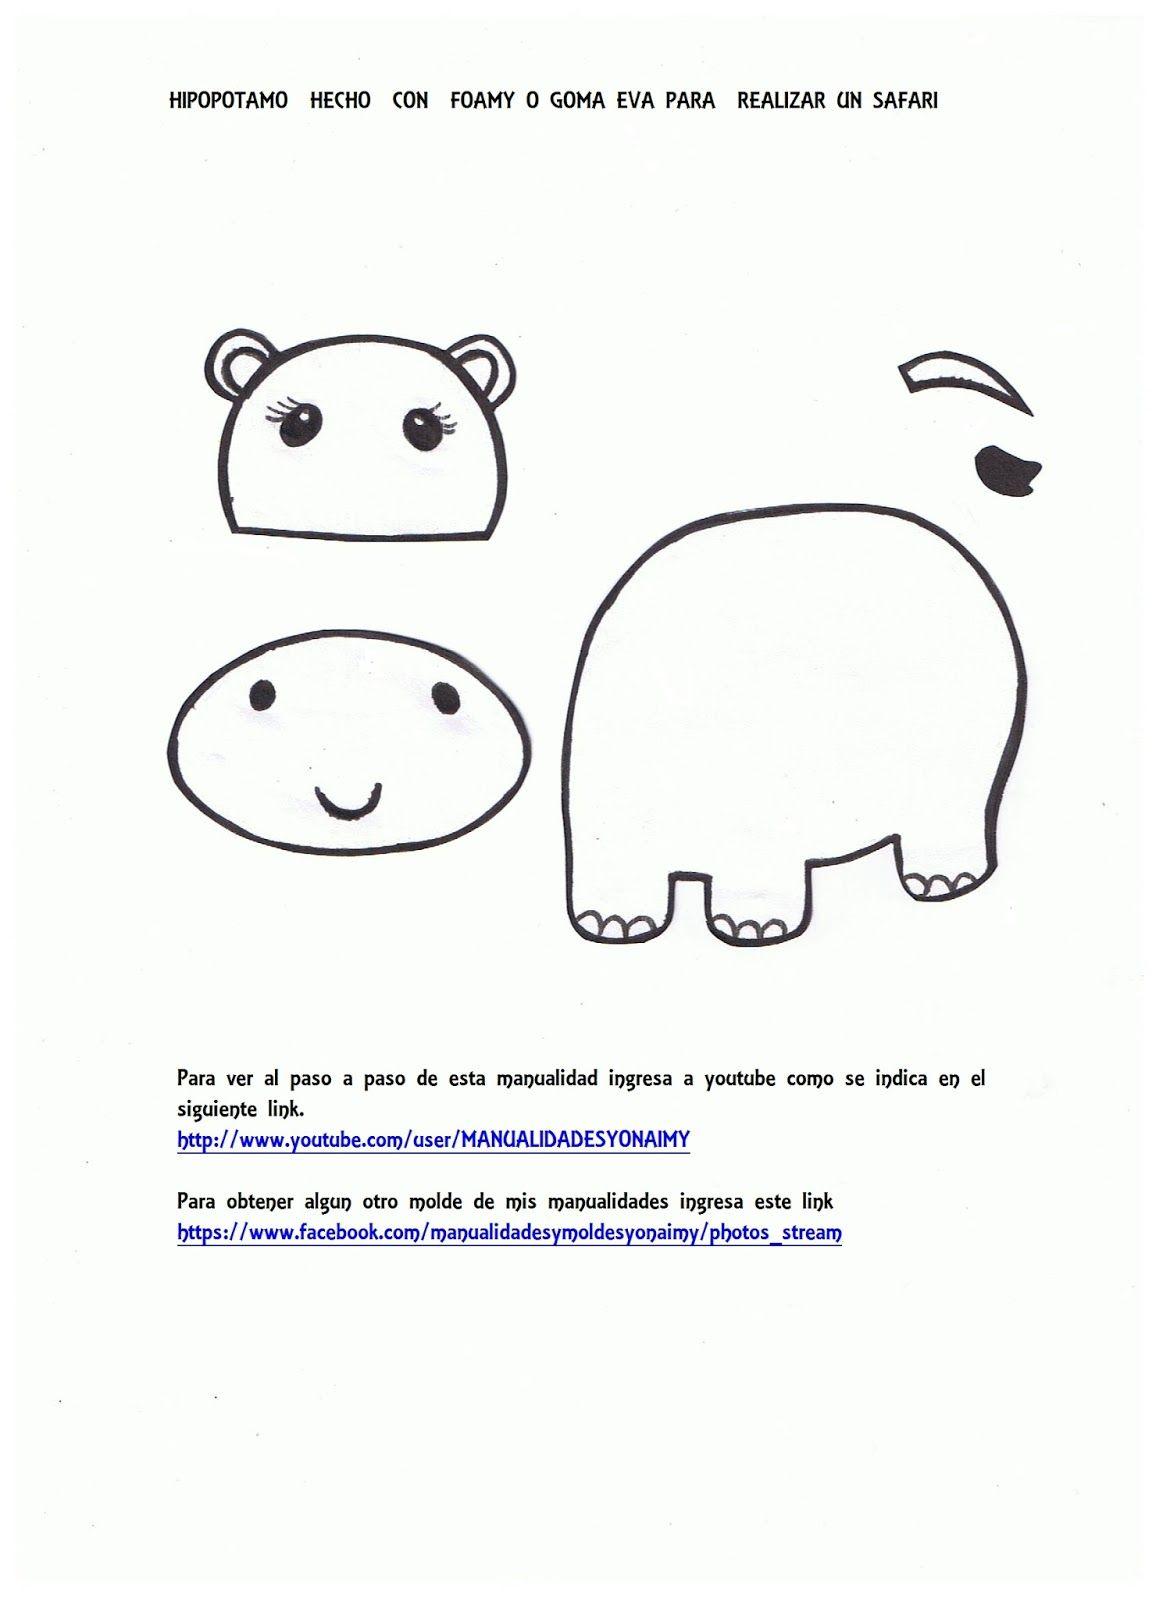 MANUALIDADES YONAIMY | Manualidades yonaimy, Manualidades, Masitas para  niños